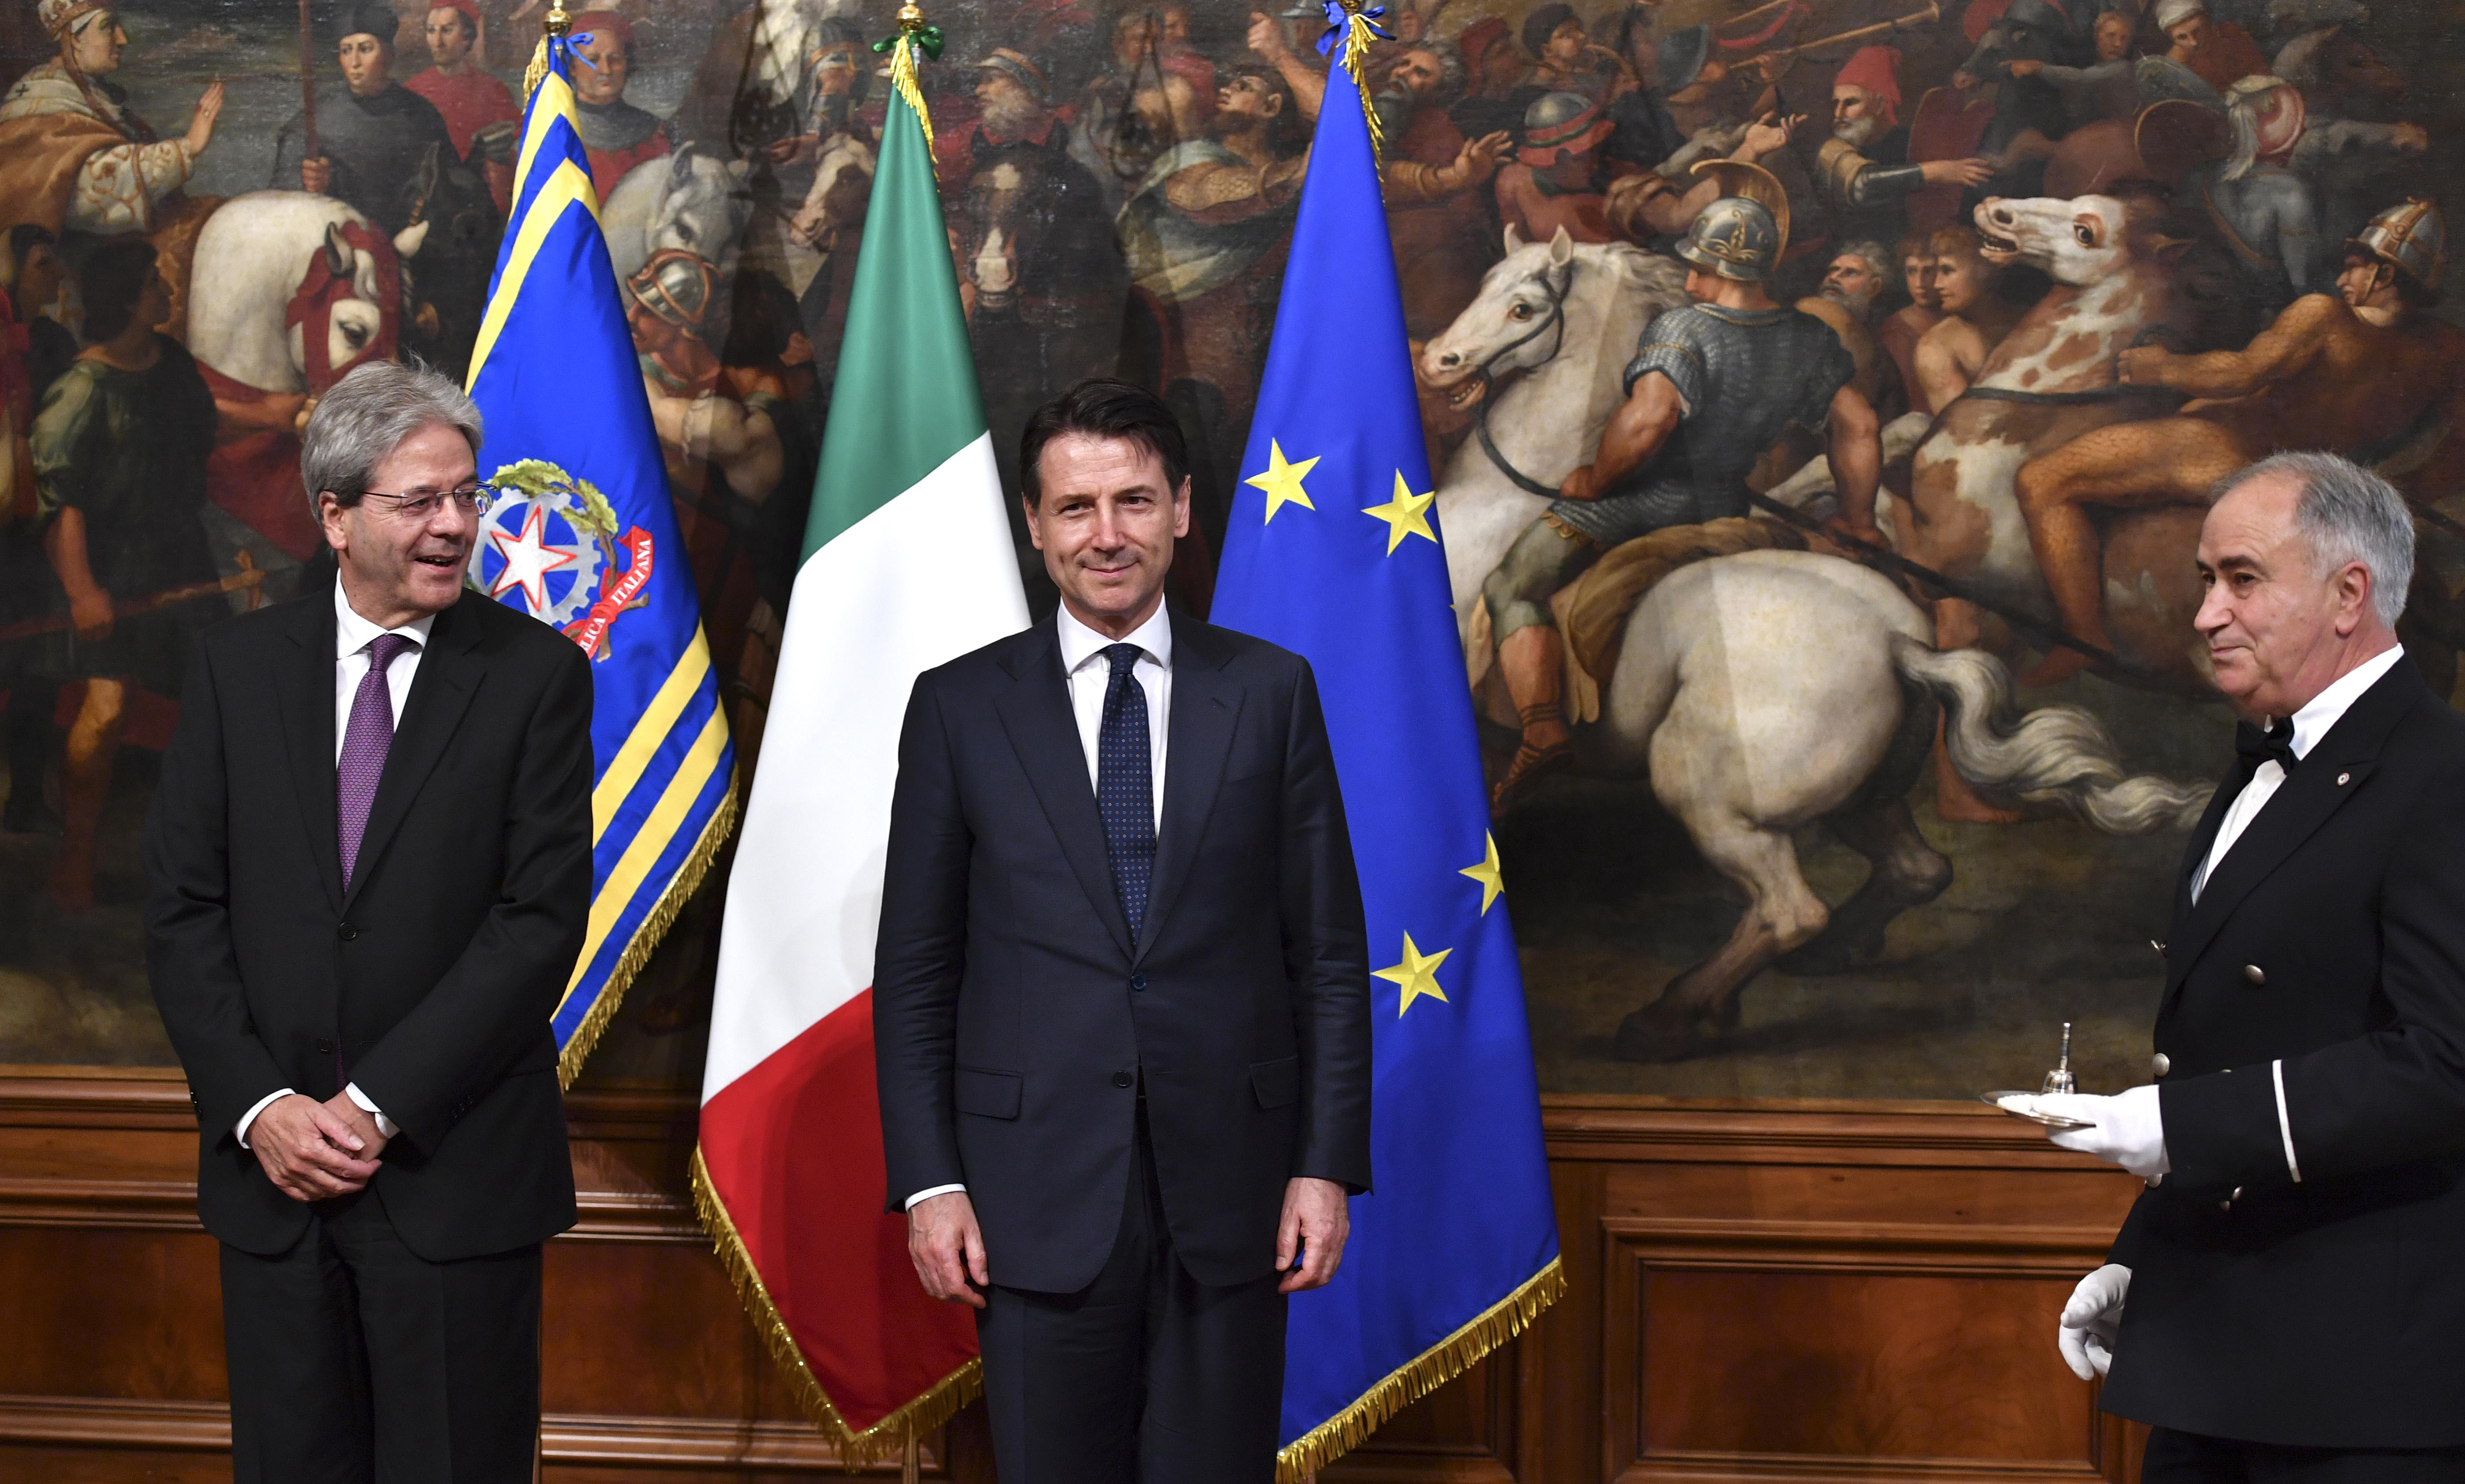 Olaszország új miniszterelnöke szerint automatikusan kéne szétosztani a menedékkérőket